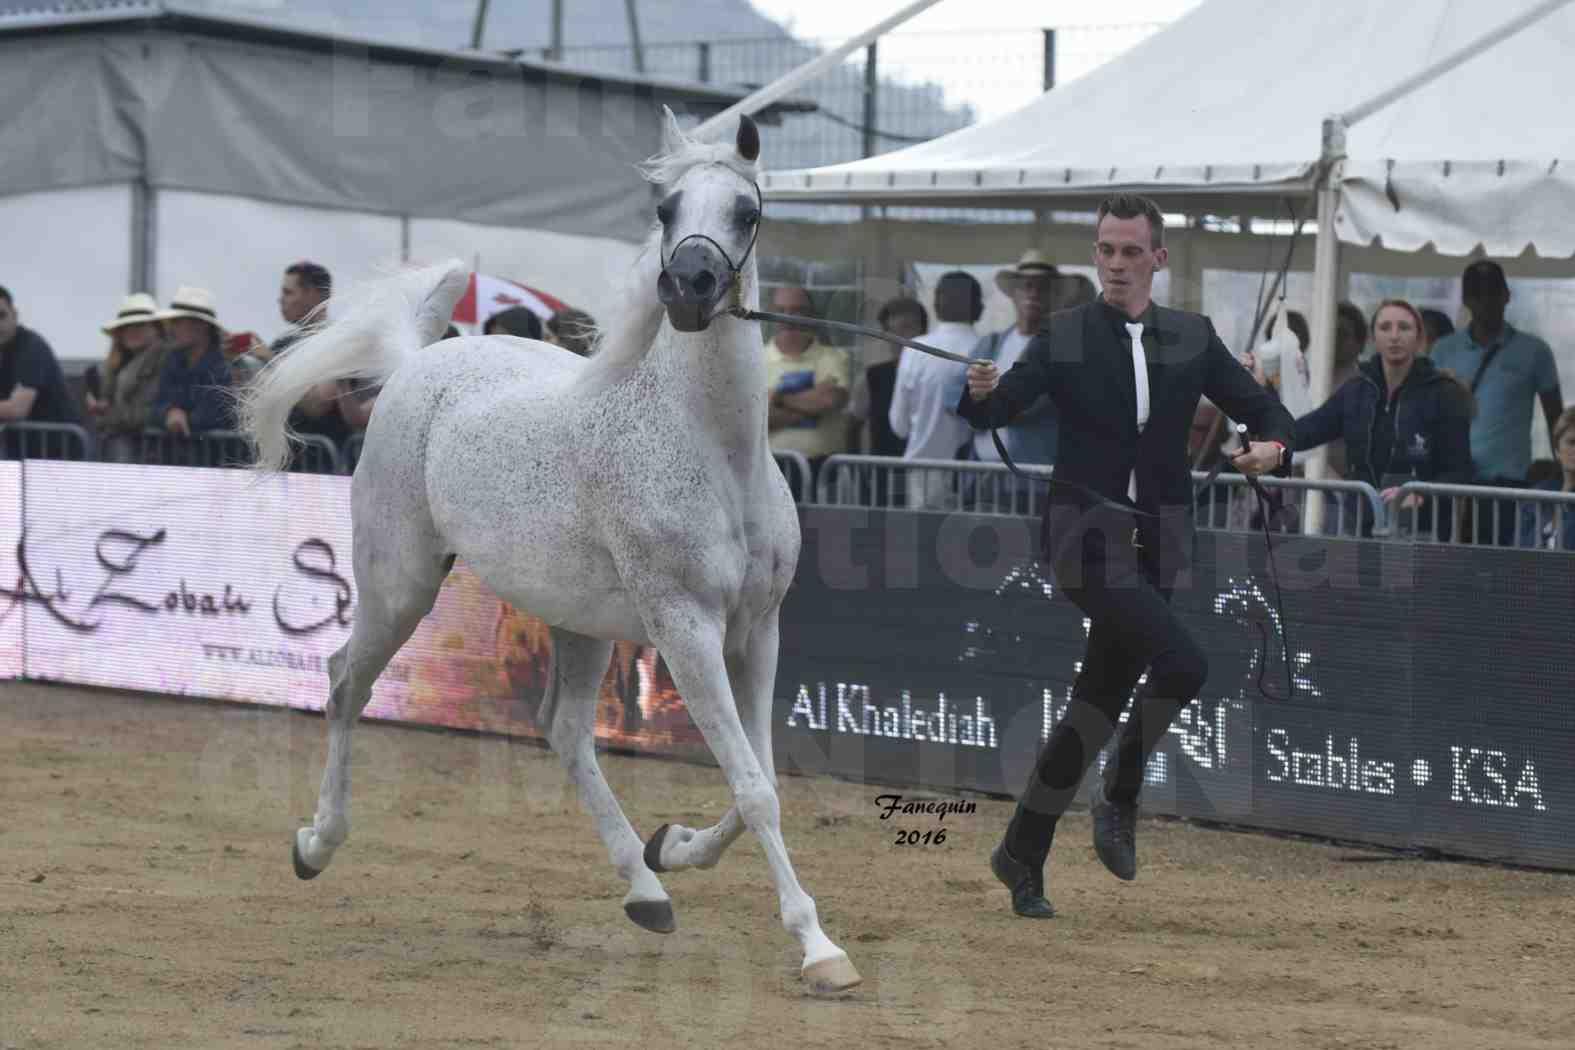 Championnat du pur-sang arabe de la Méditerranée et des pays arabes - MENTON 2016 - MAGIC MA CHERIE - Notre Sélection - 05